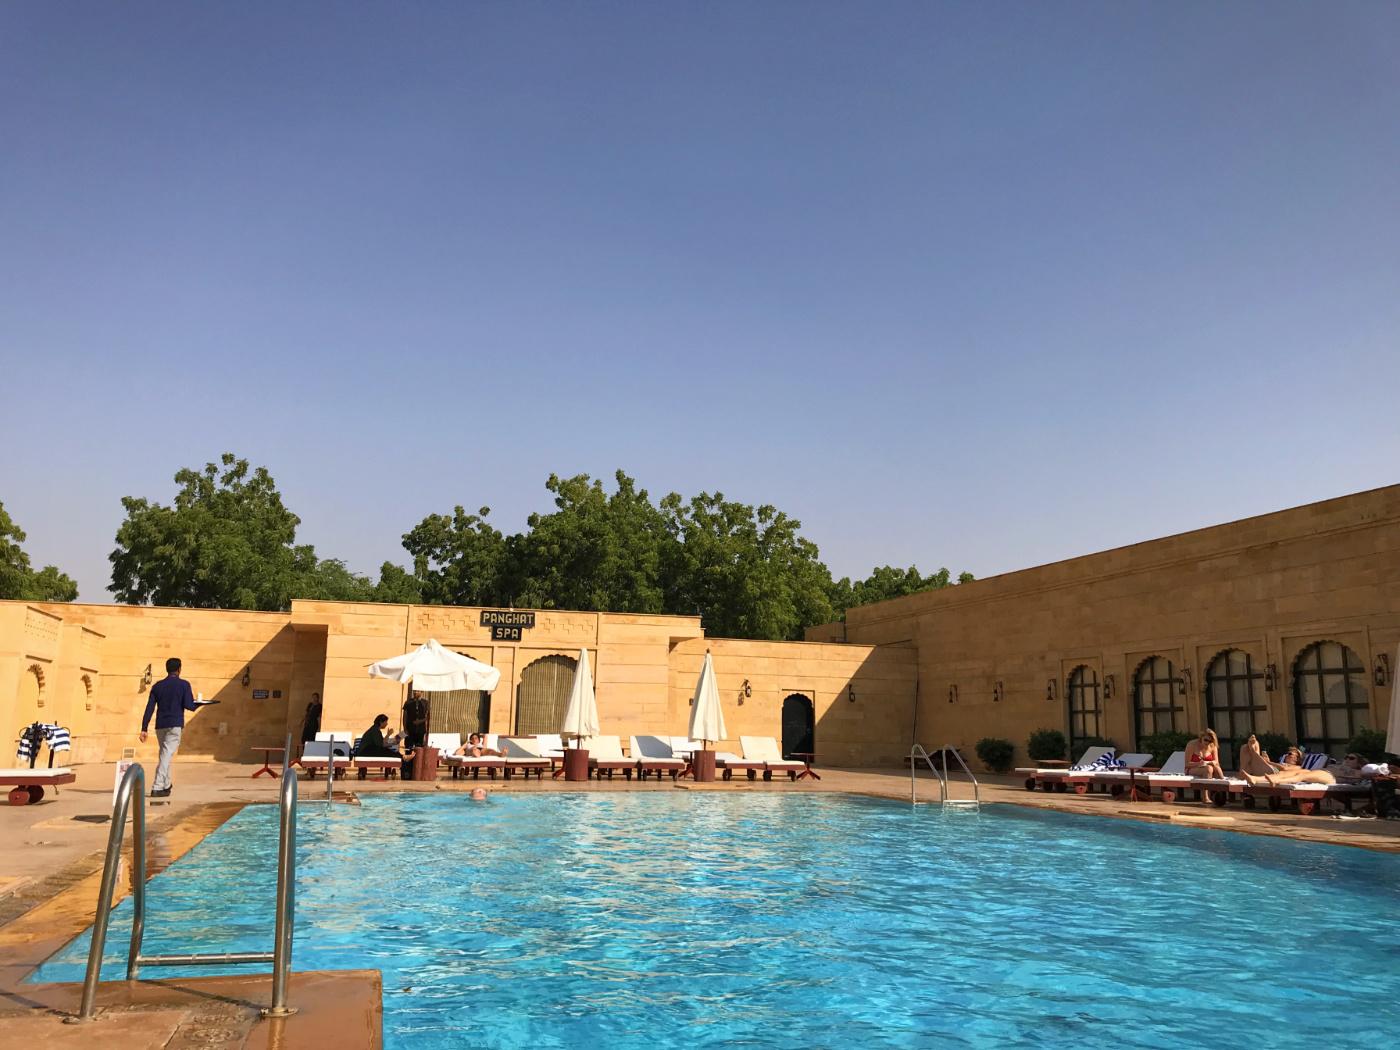 578-India-Jaisalmer